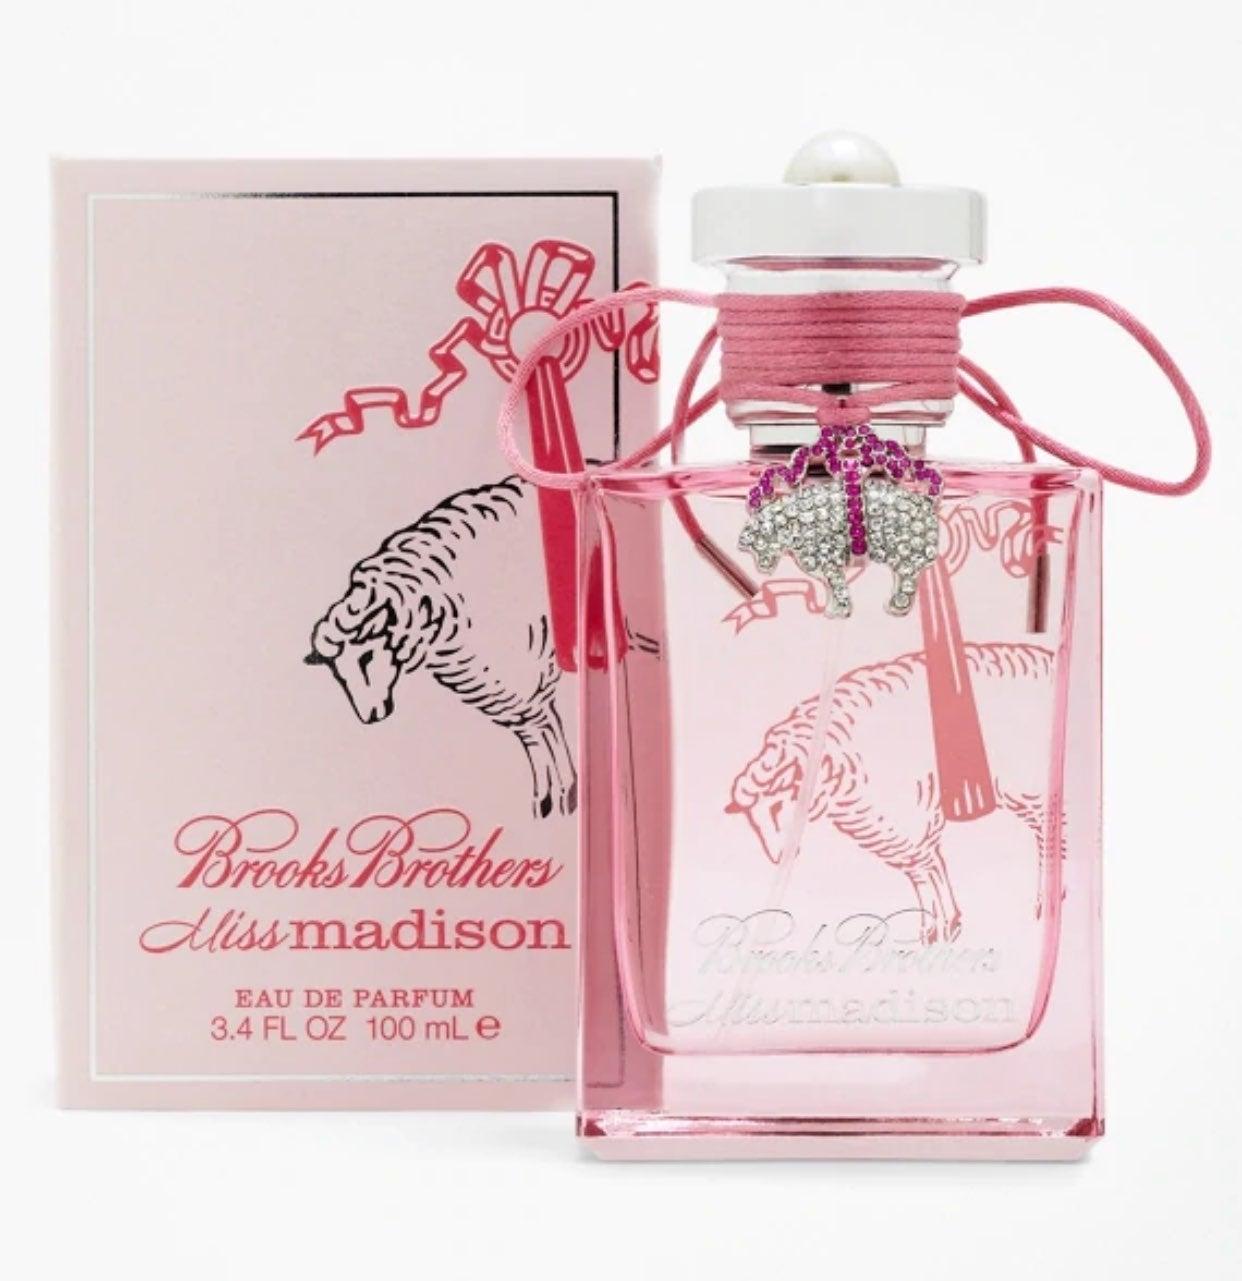 Brooks Brothers Miss Madison Parfum